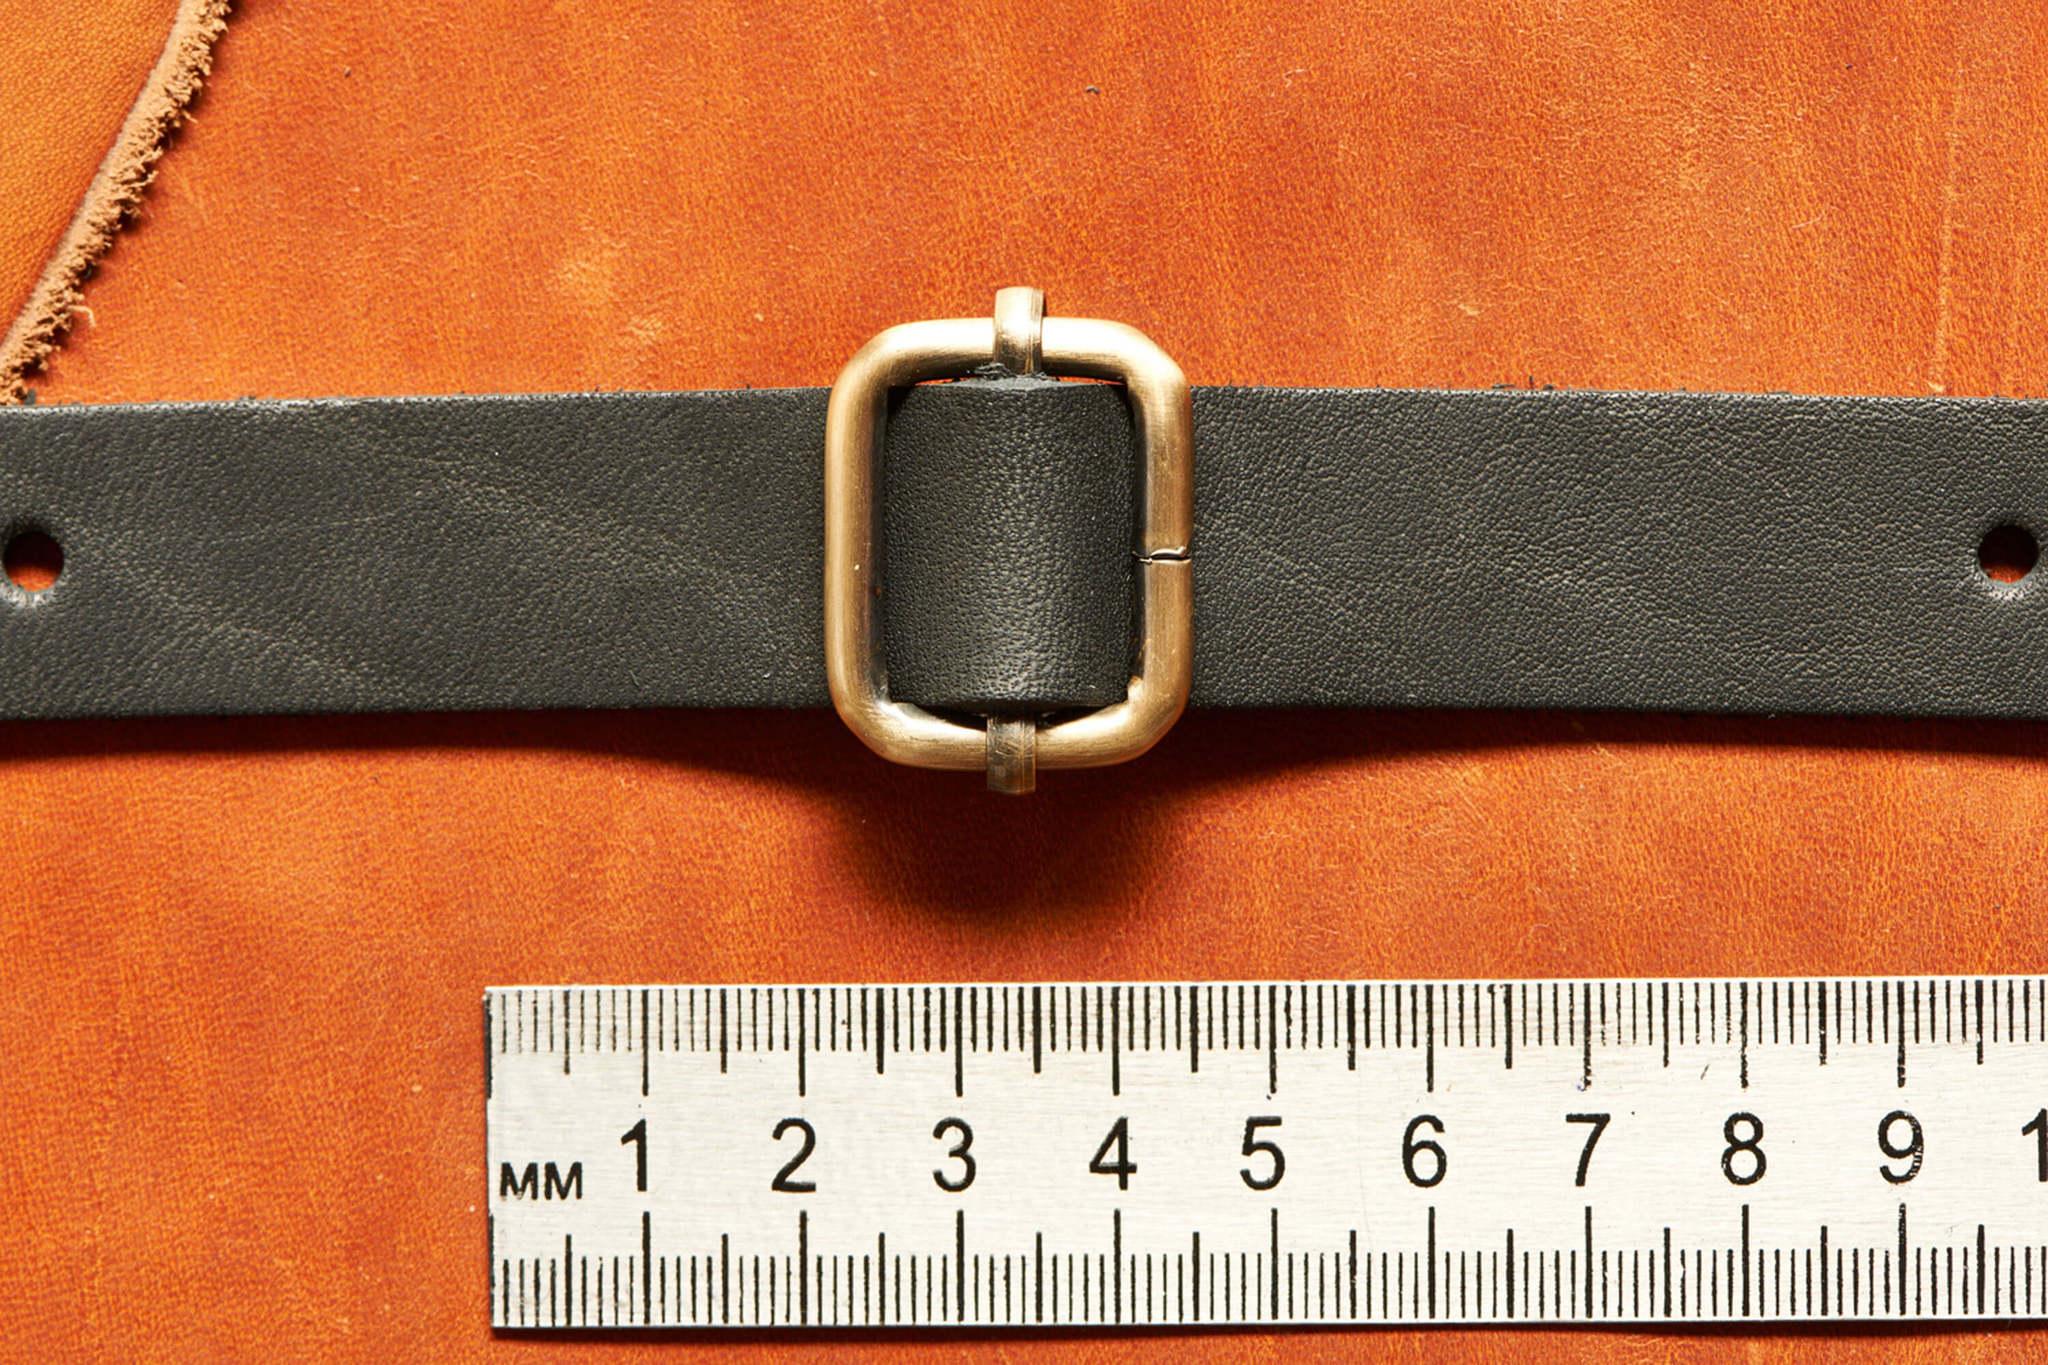 Регулятор металлический для ремня. ширина 20 мм, толщина проволоки 4 мм